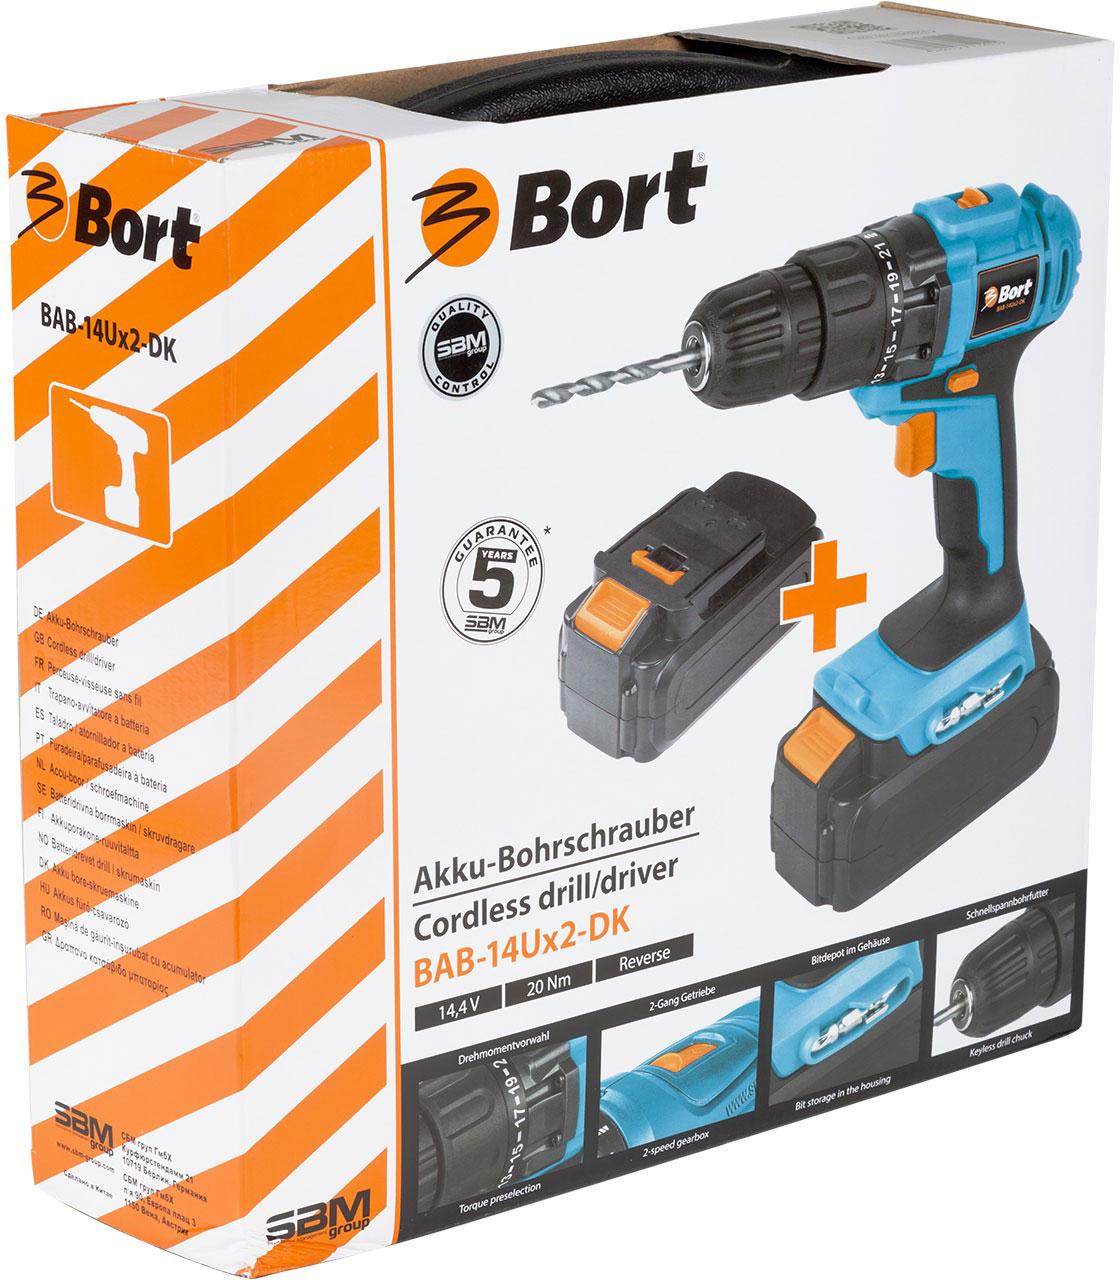 Купить Bort BAB-14Ux2-DK (93724009) - дрель-шуруповерт (Blue), Борт БиЭйБи-14Ух2-ДиКей 93724009 в Москве с доставкой по разумной